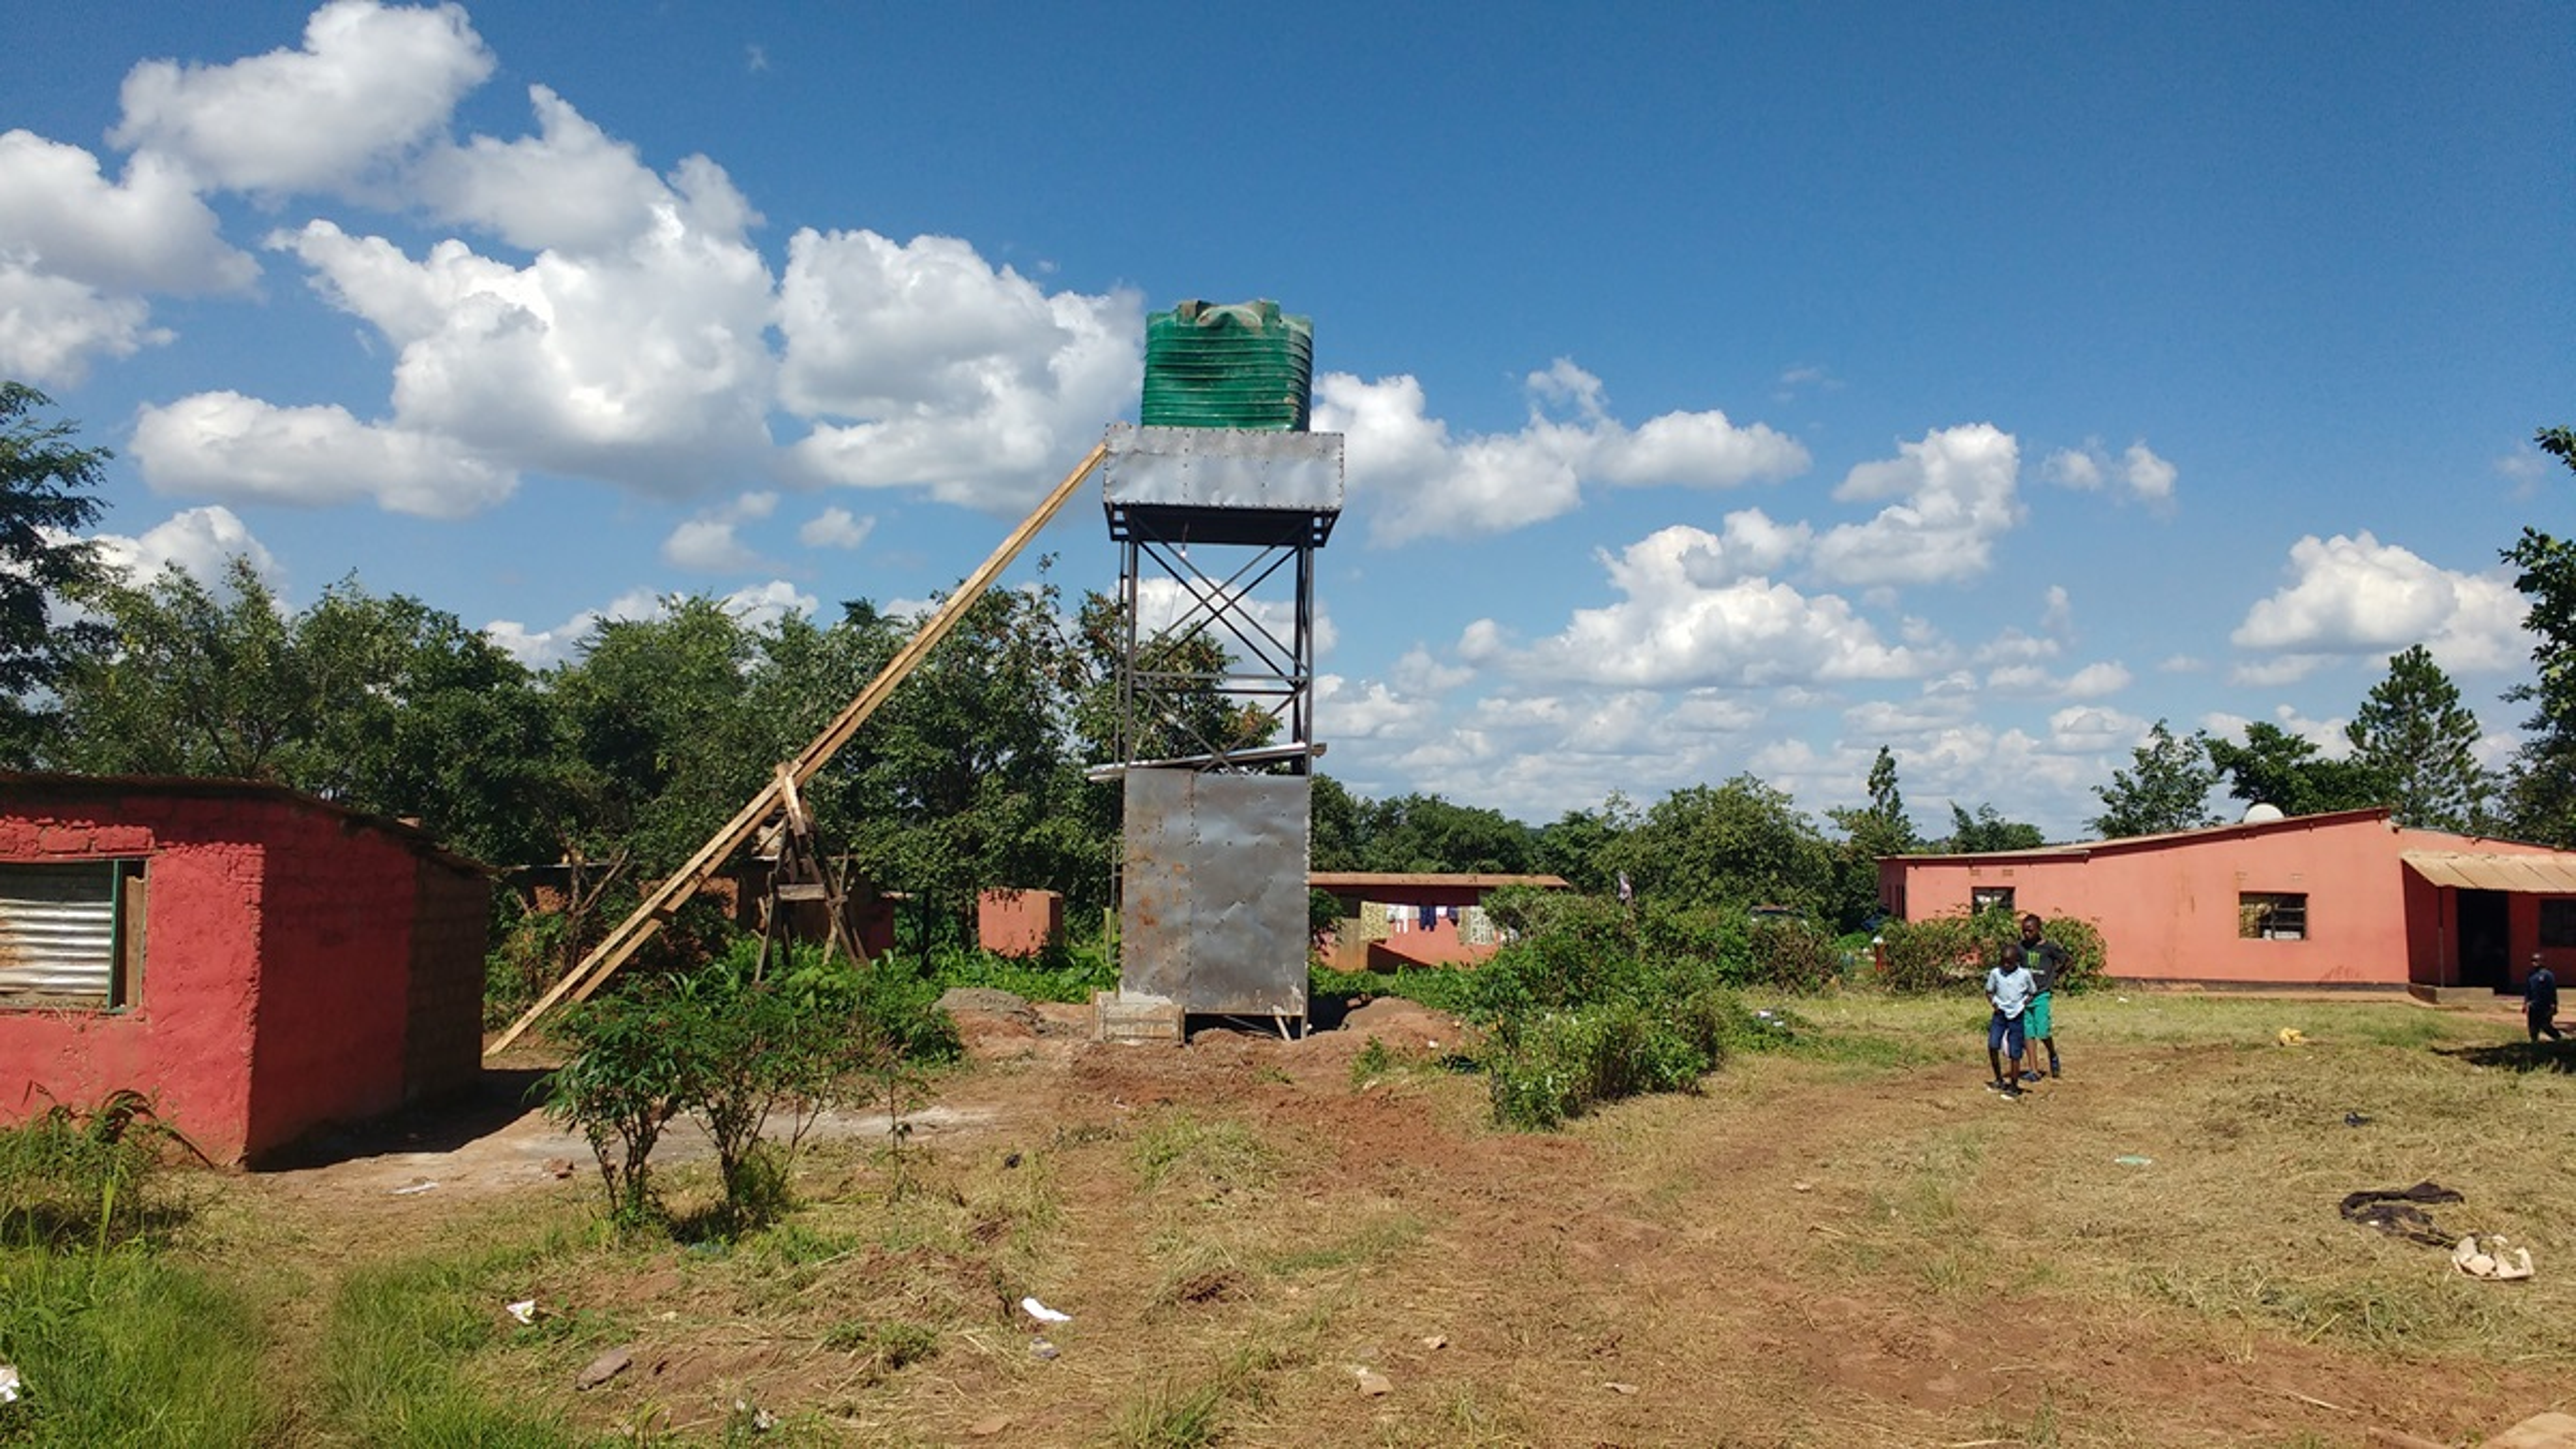 A new water tank helps combat cholera by providing clean water at the Jerusalem United Methodist Church in the community of Kandundu, Zambia. Photo by John Chikuta, UMNS.